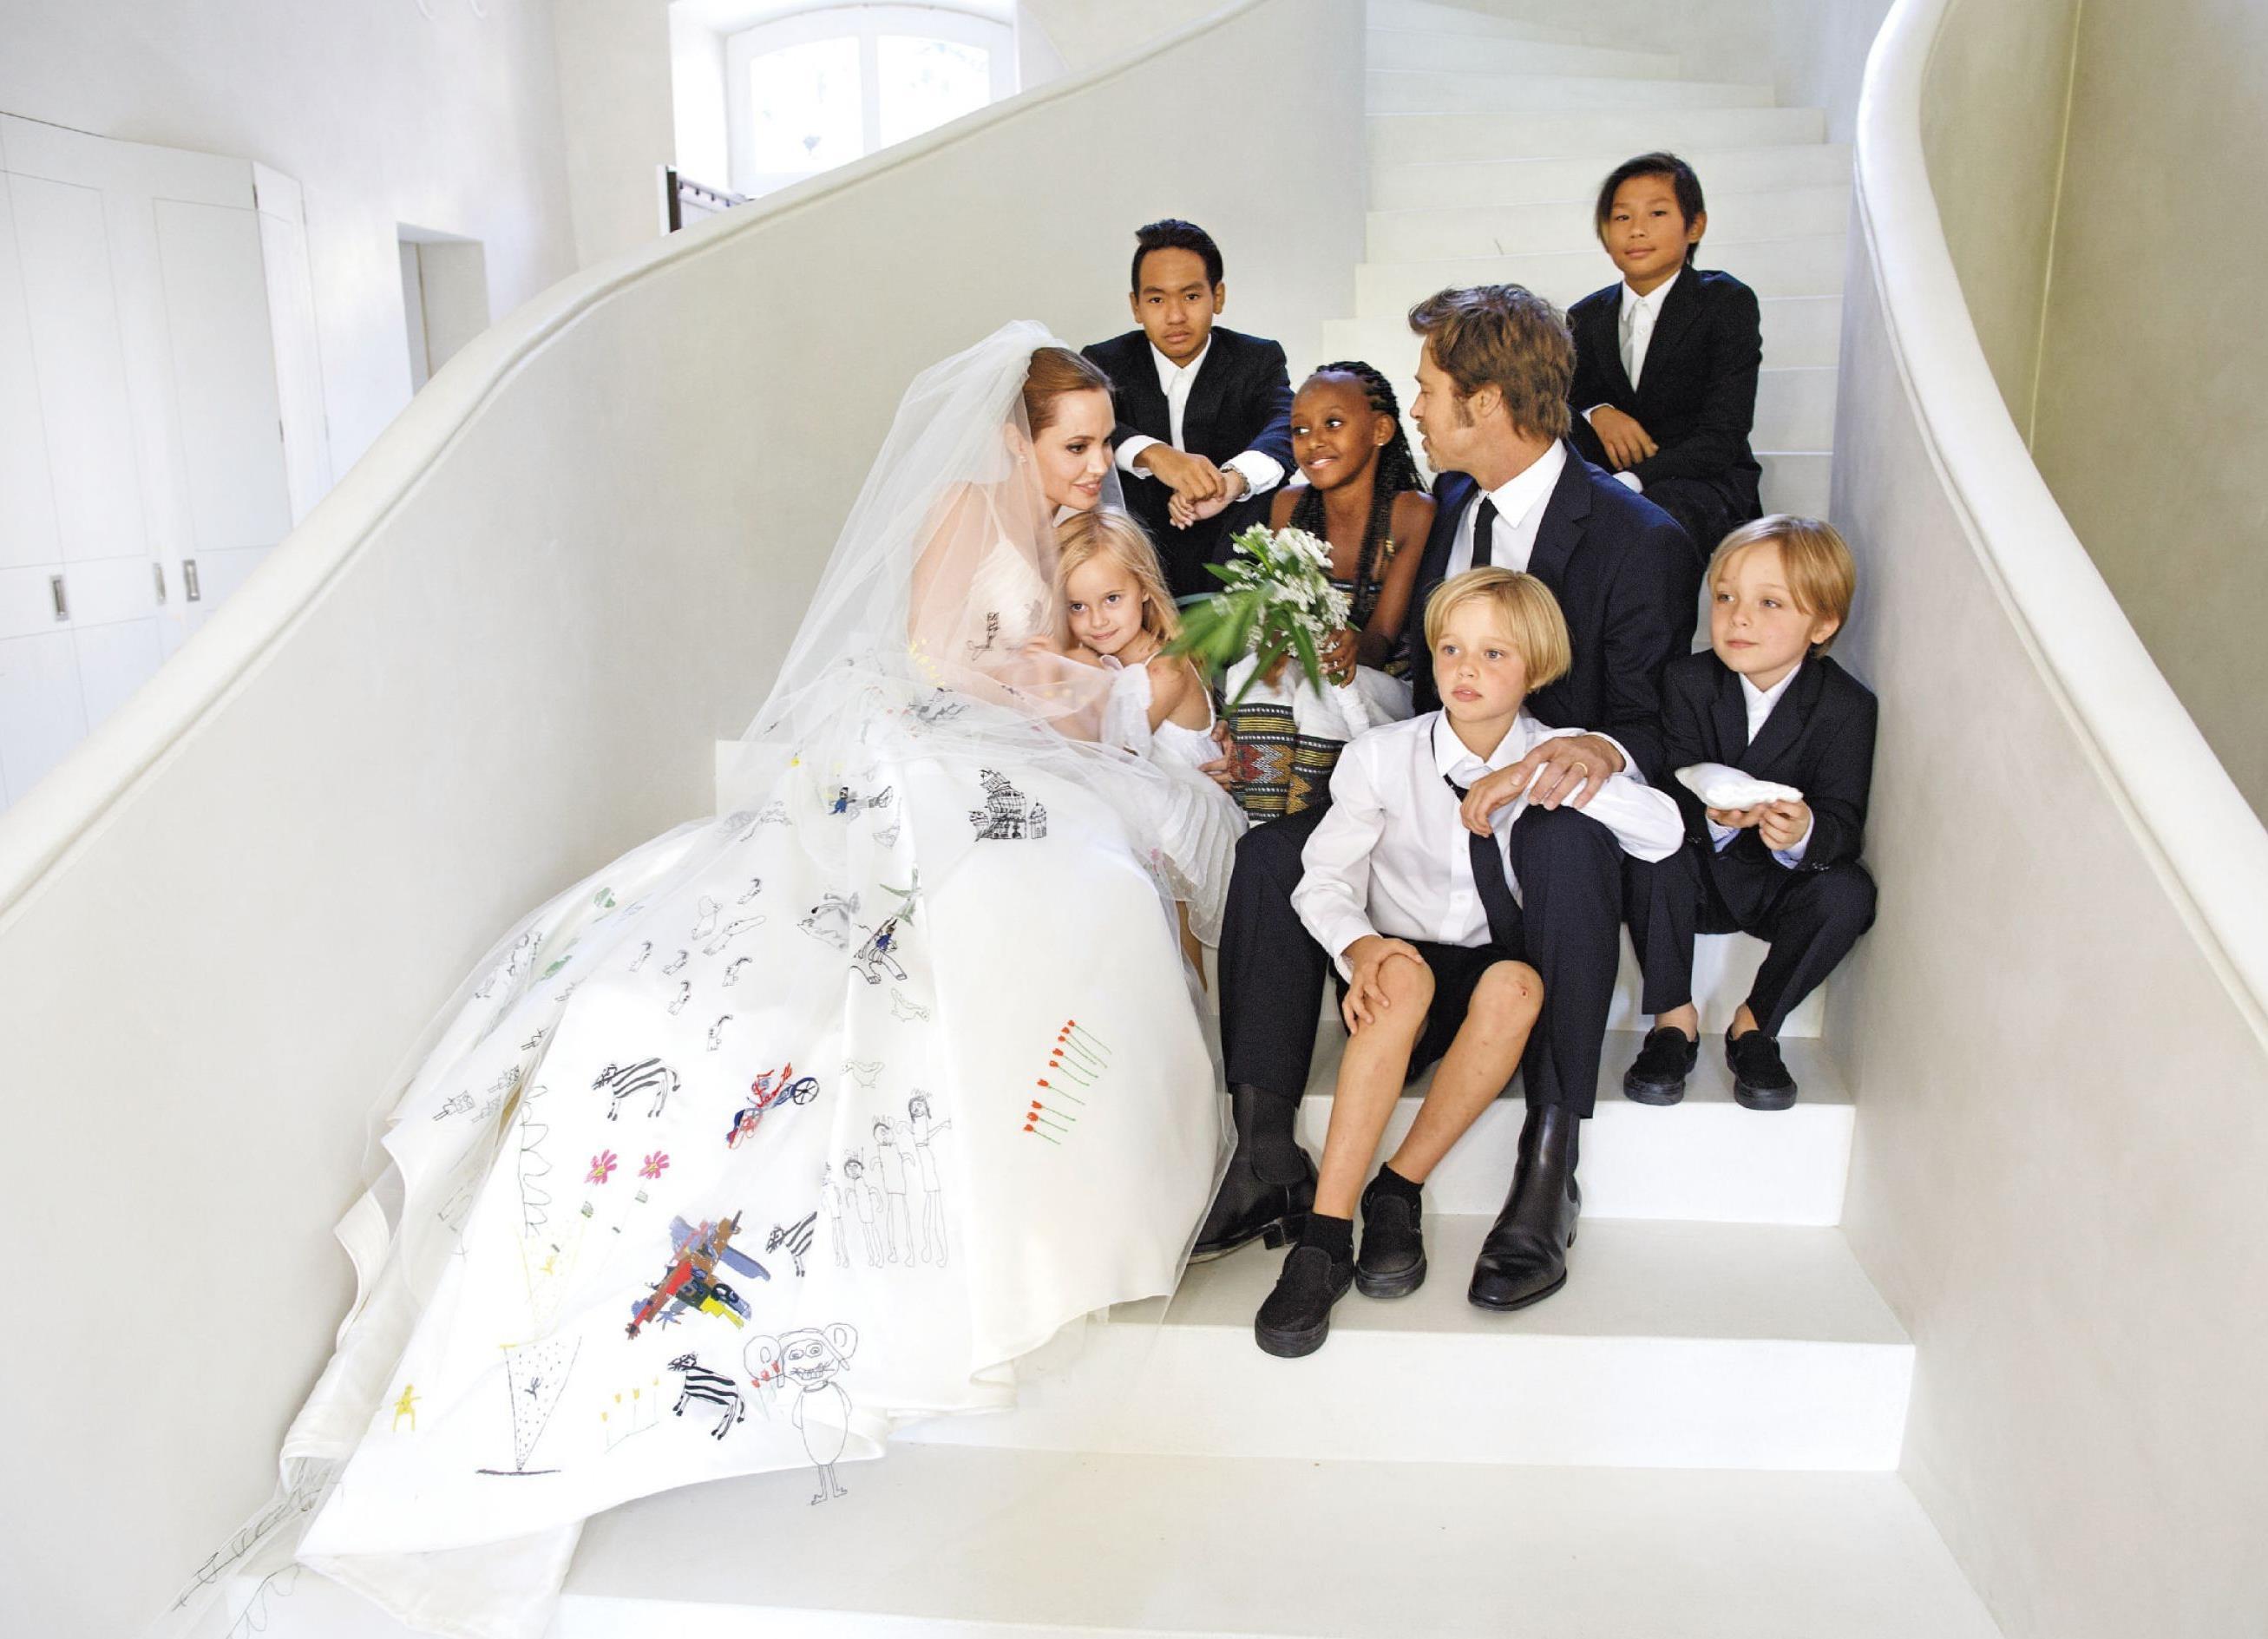 Regalos con dibujos del vestido de novia de Angelina Jolie